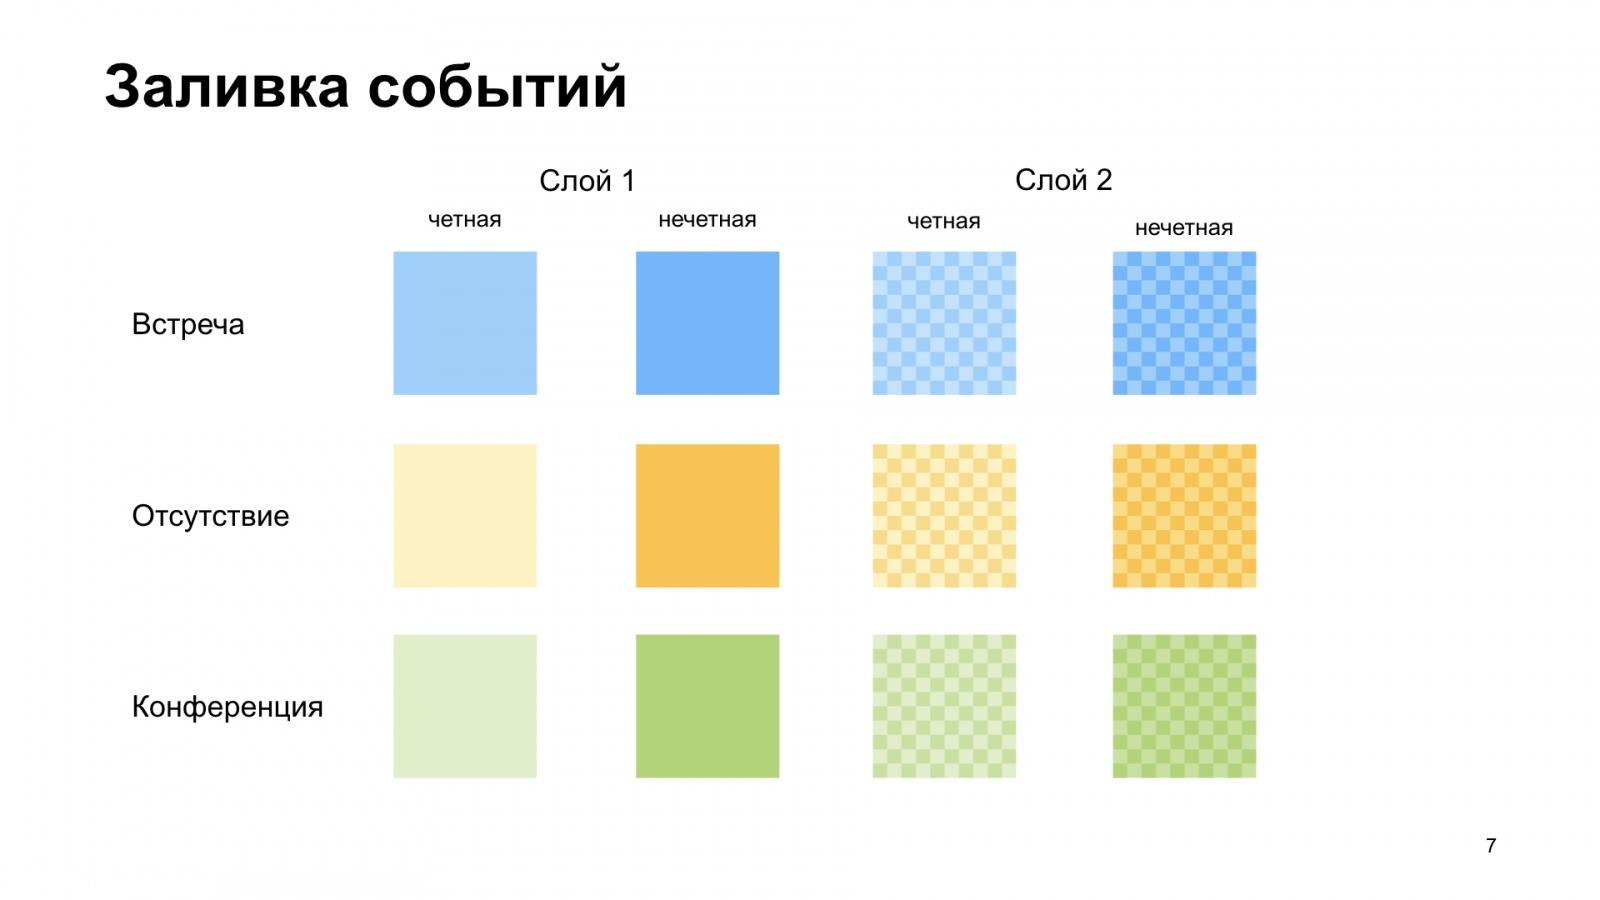 SVG в реальной жизни. Доклад Яндекса - 8